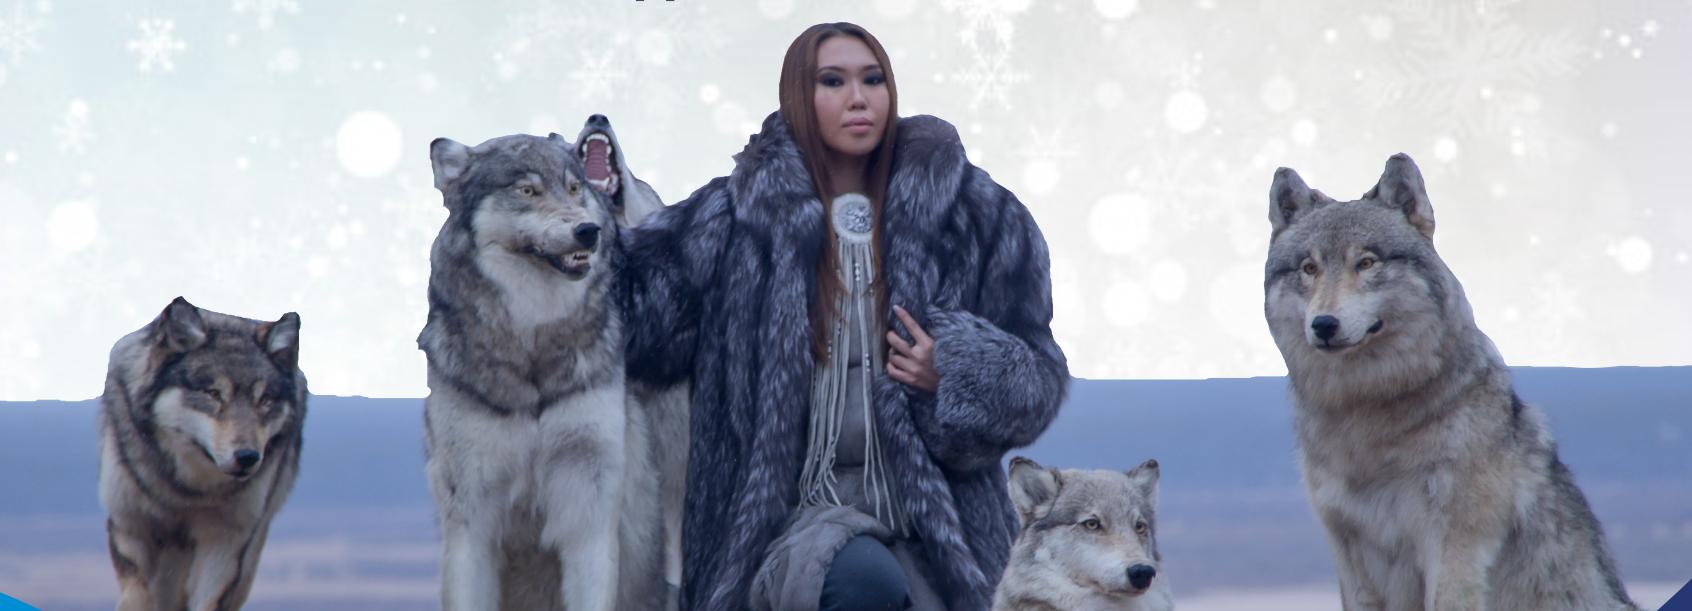 В Якутске состоится ярмарка меха и унтов «Тепло Якутии»